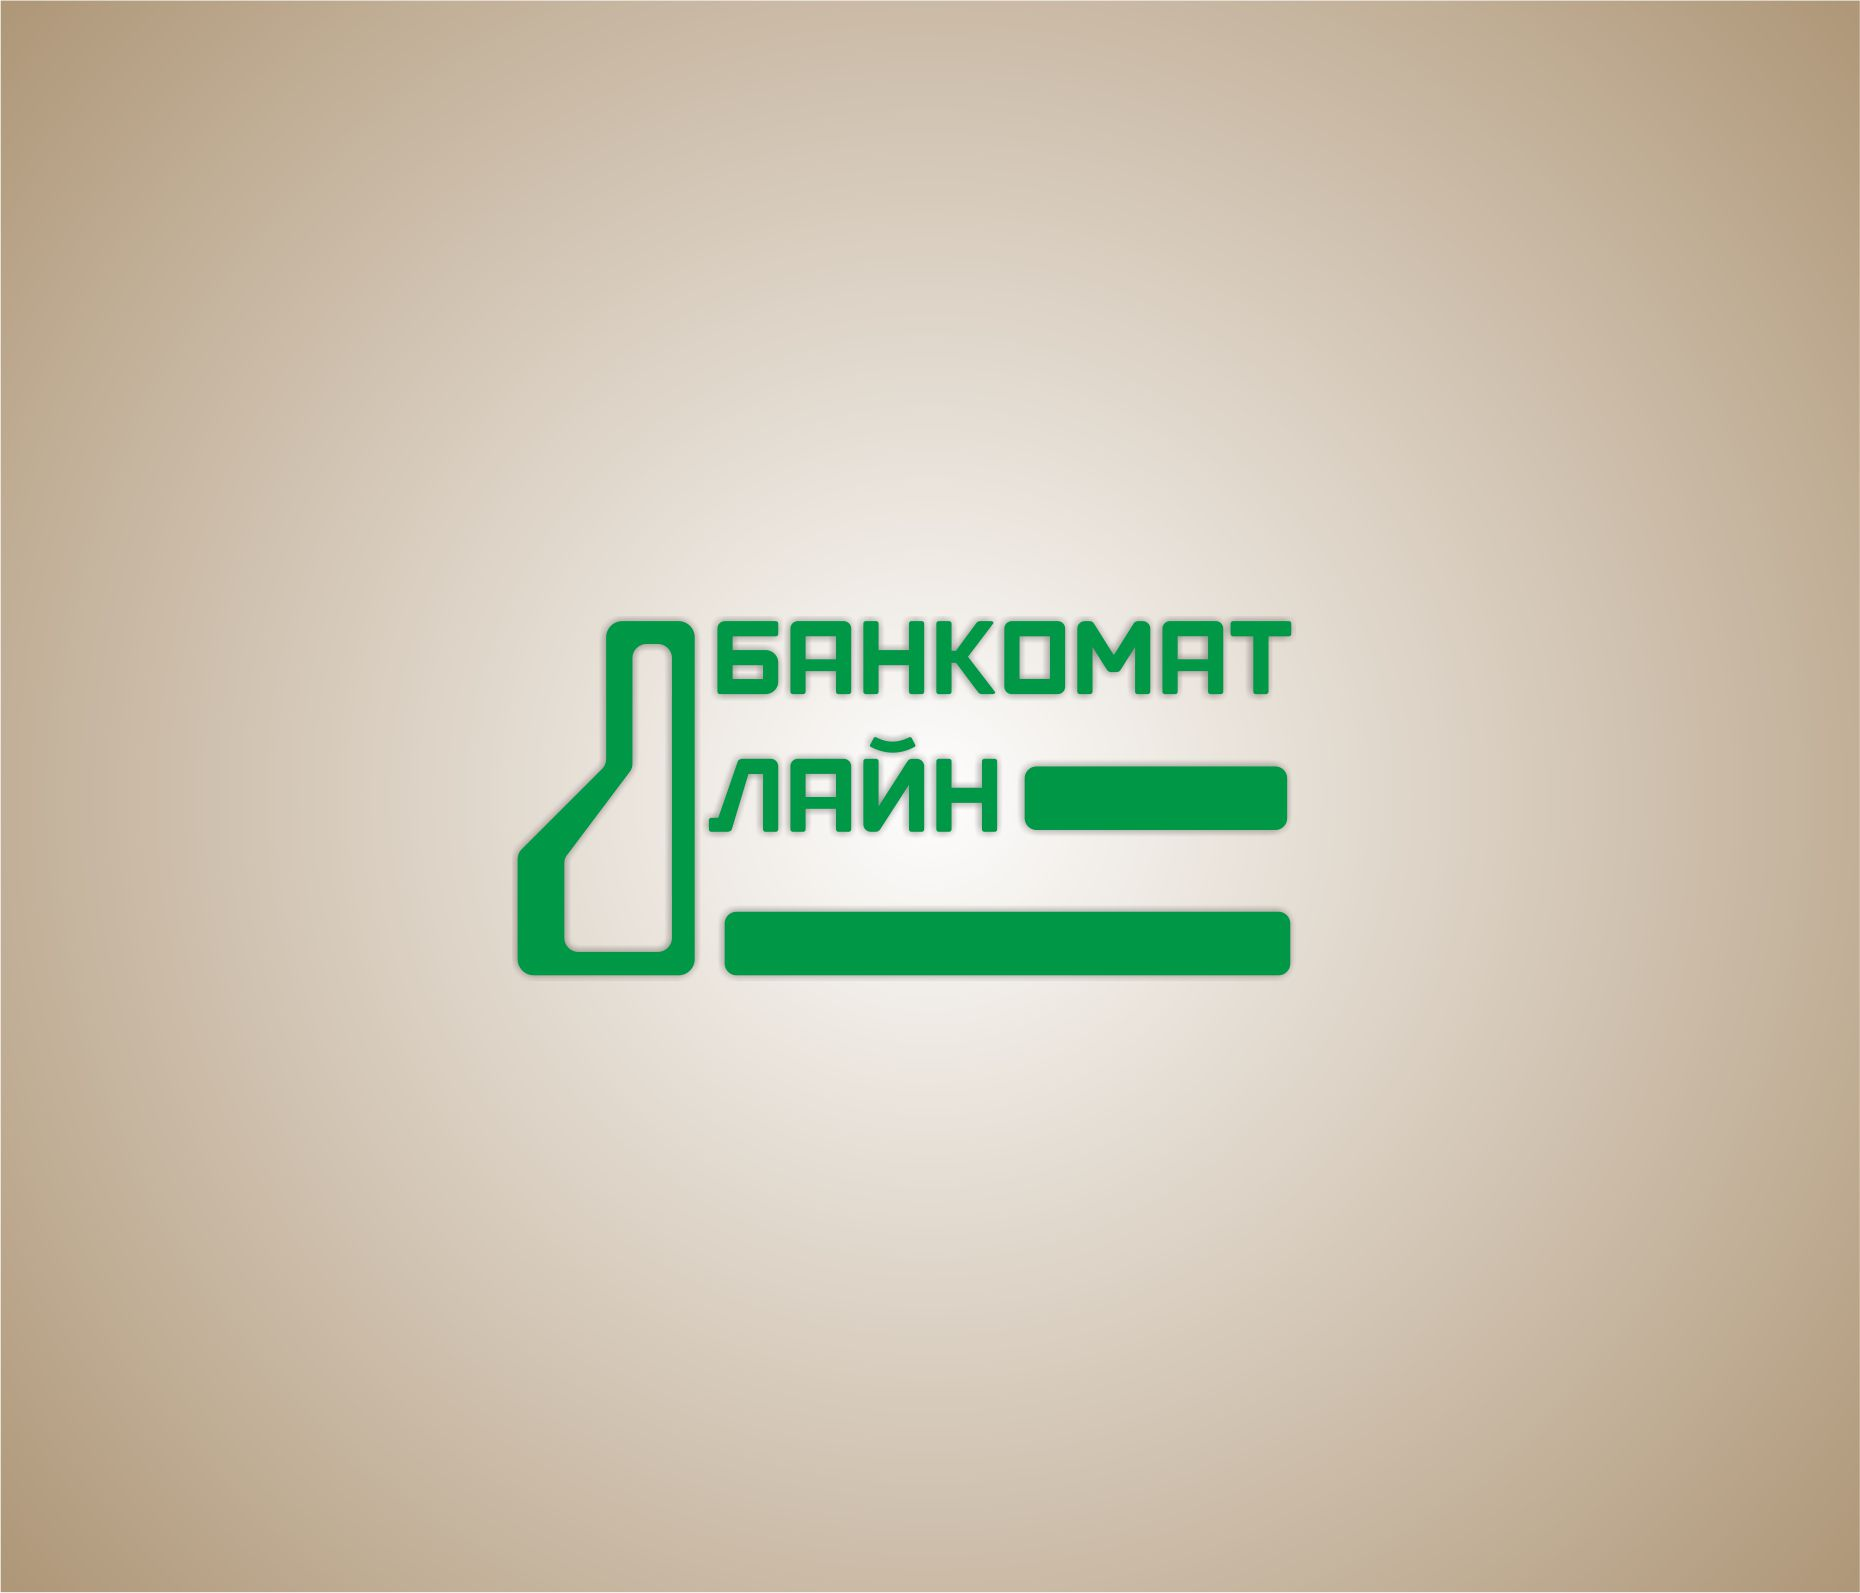 Разработка логотипа и слогана для транспортной компании фото f_3855875f9408a1c4.jpg